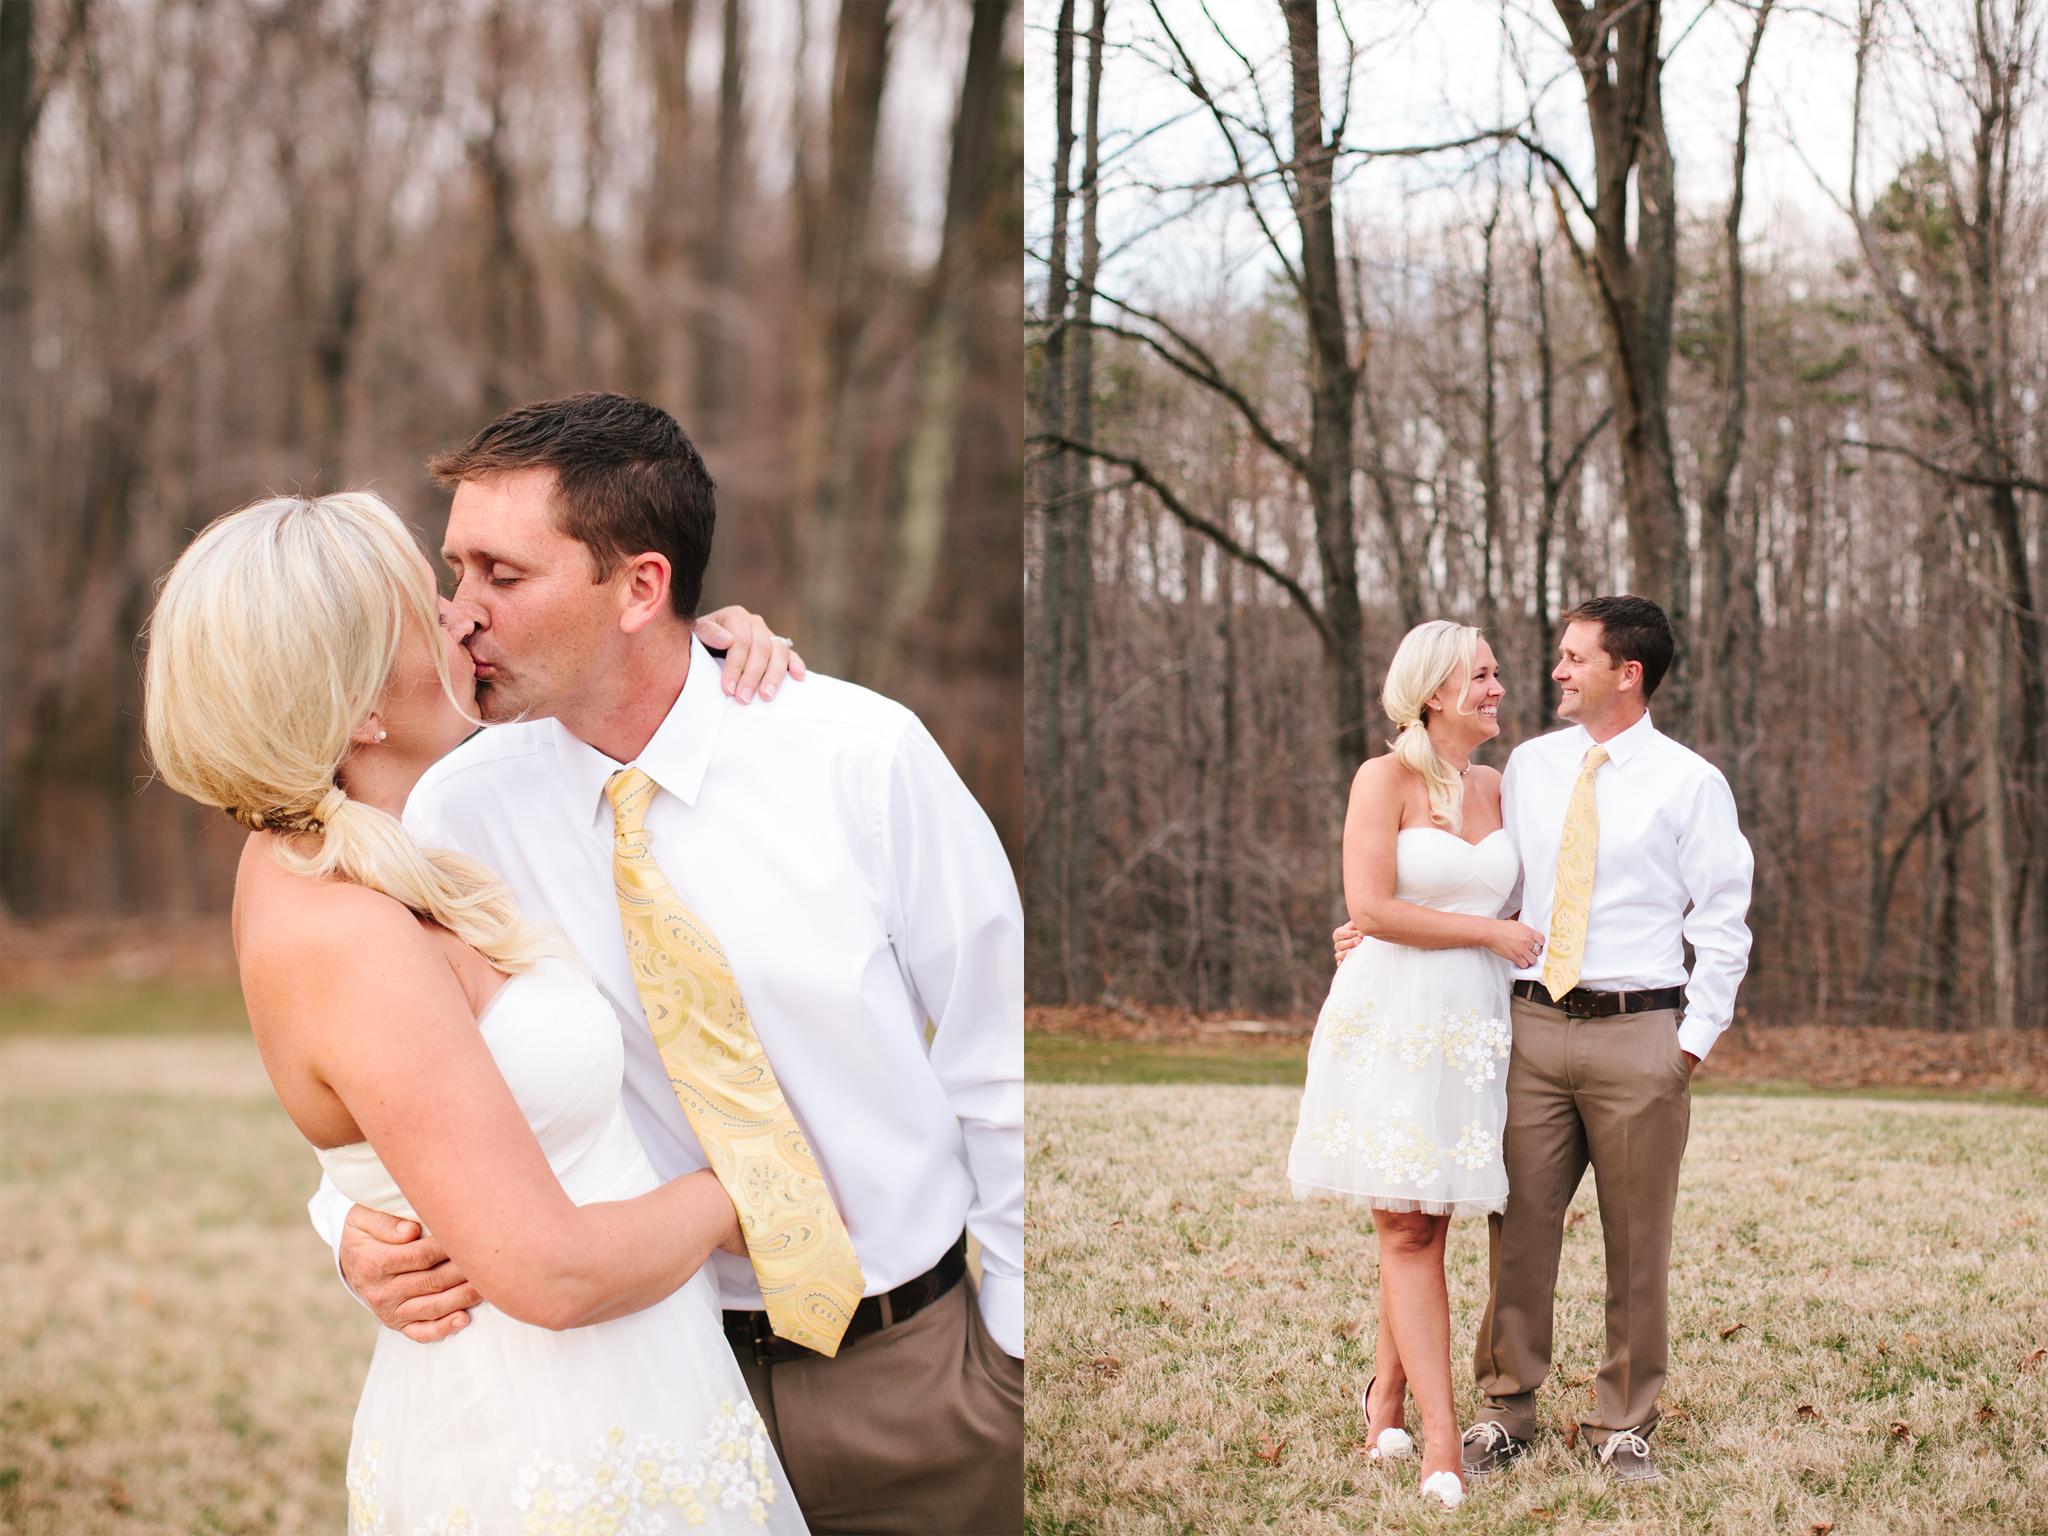 north_carolina_wedding_portraits_tierney_cyanne_photography_1.jpg